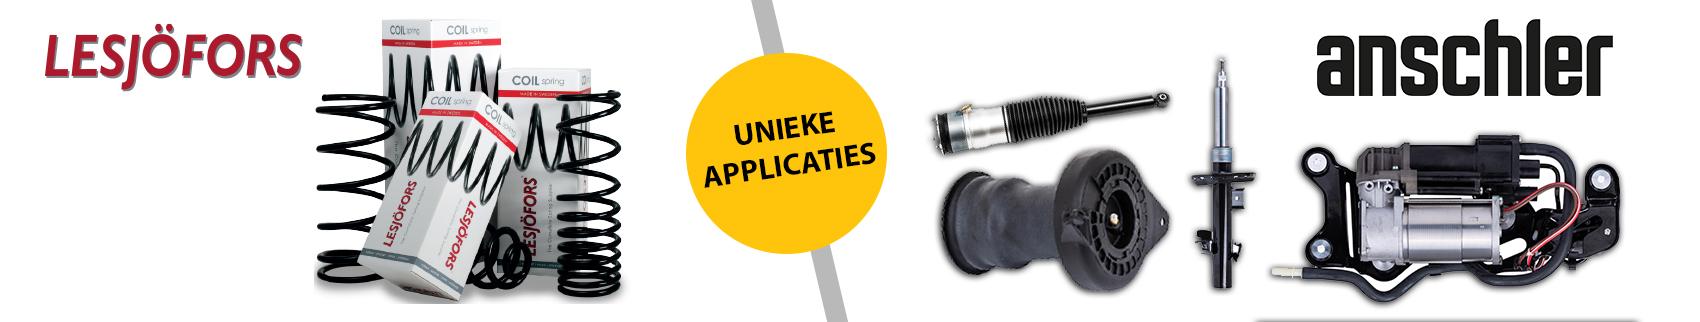 applicaties